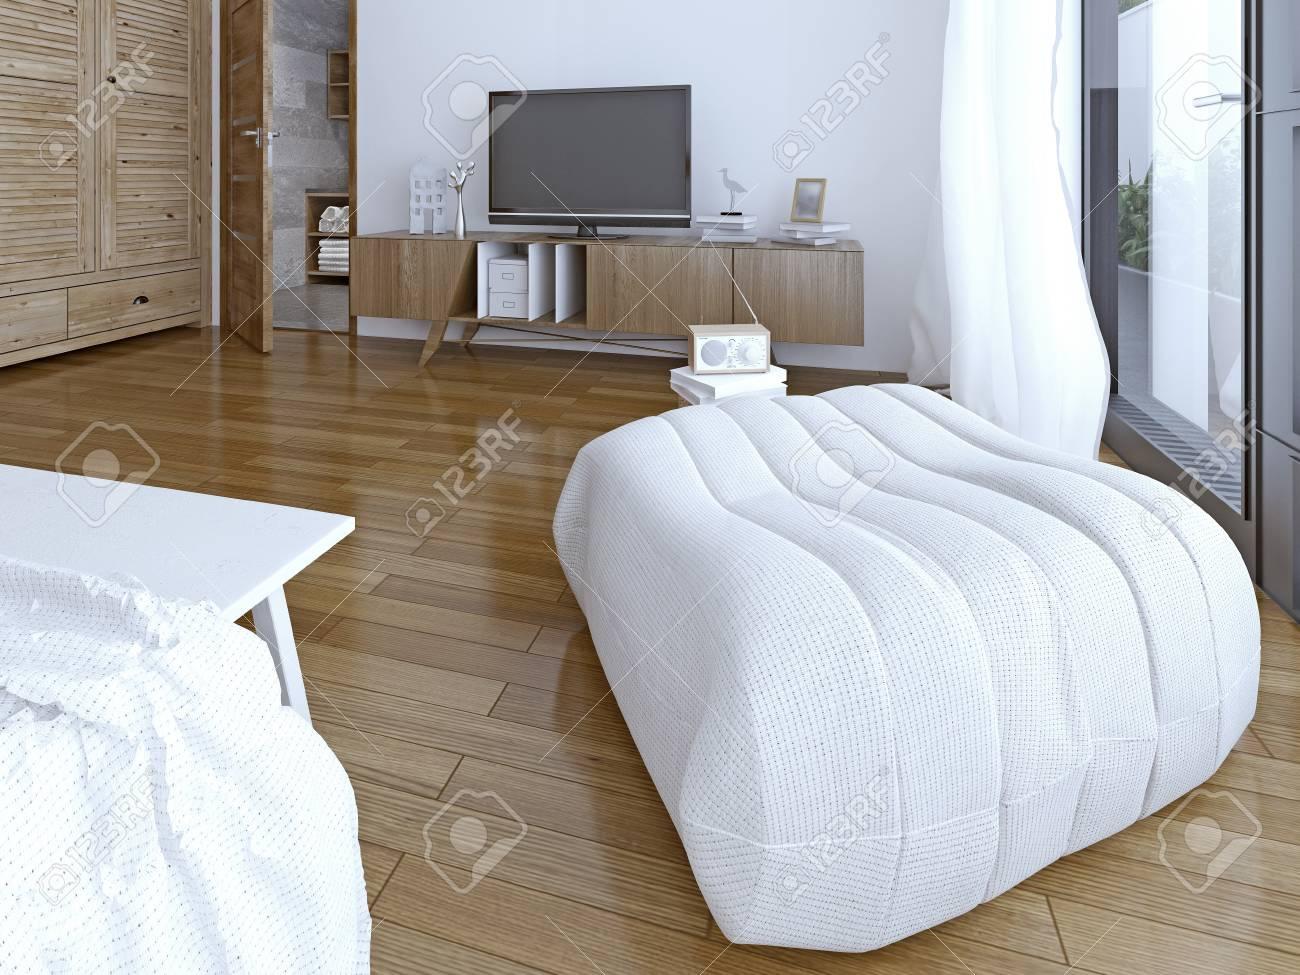 Weiche ottomane im schlafzimmer. 3d übertragen lizenzfreie fotos